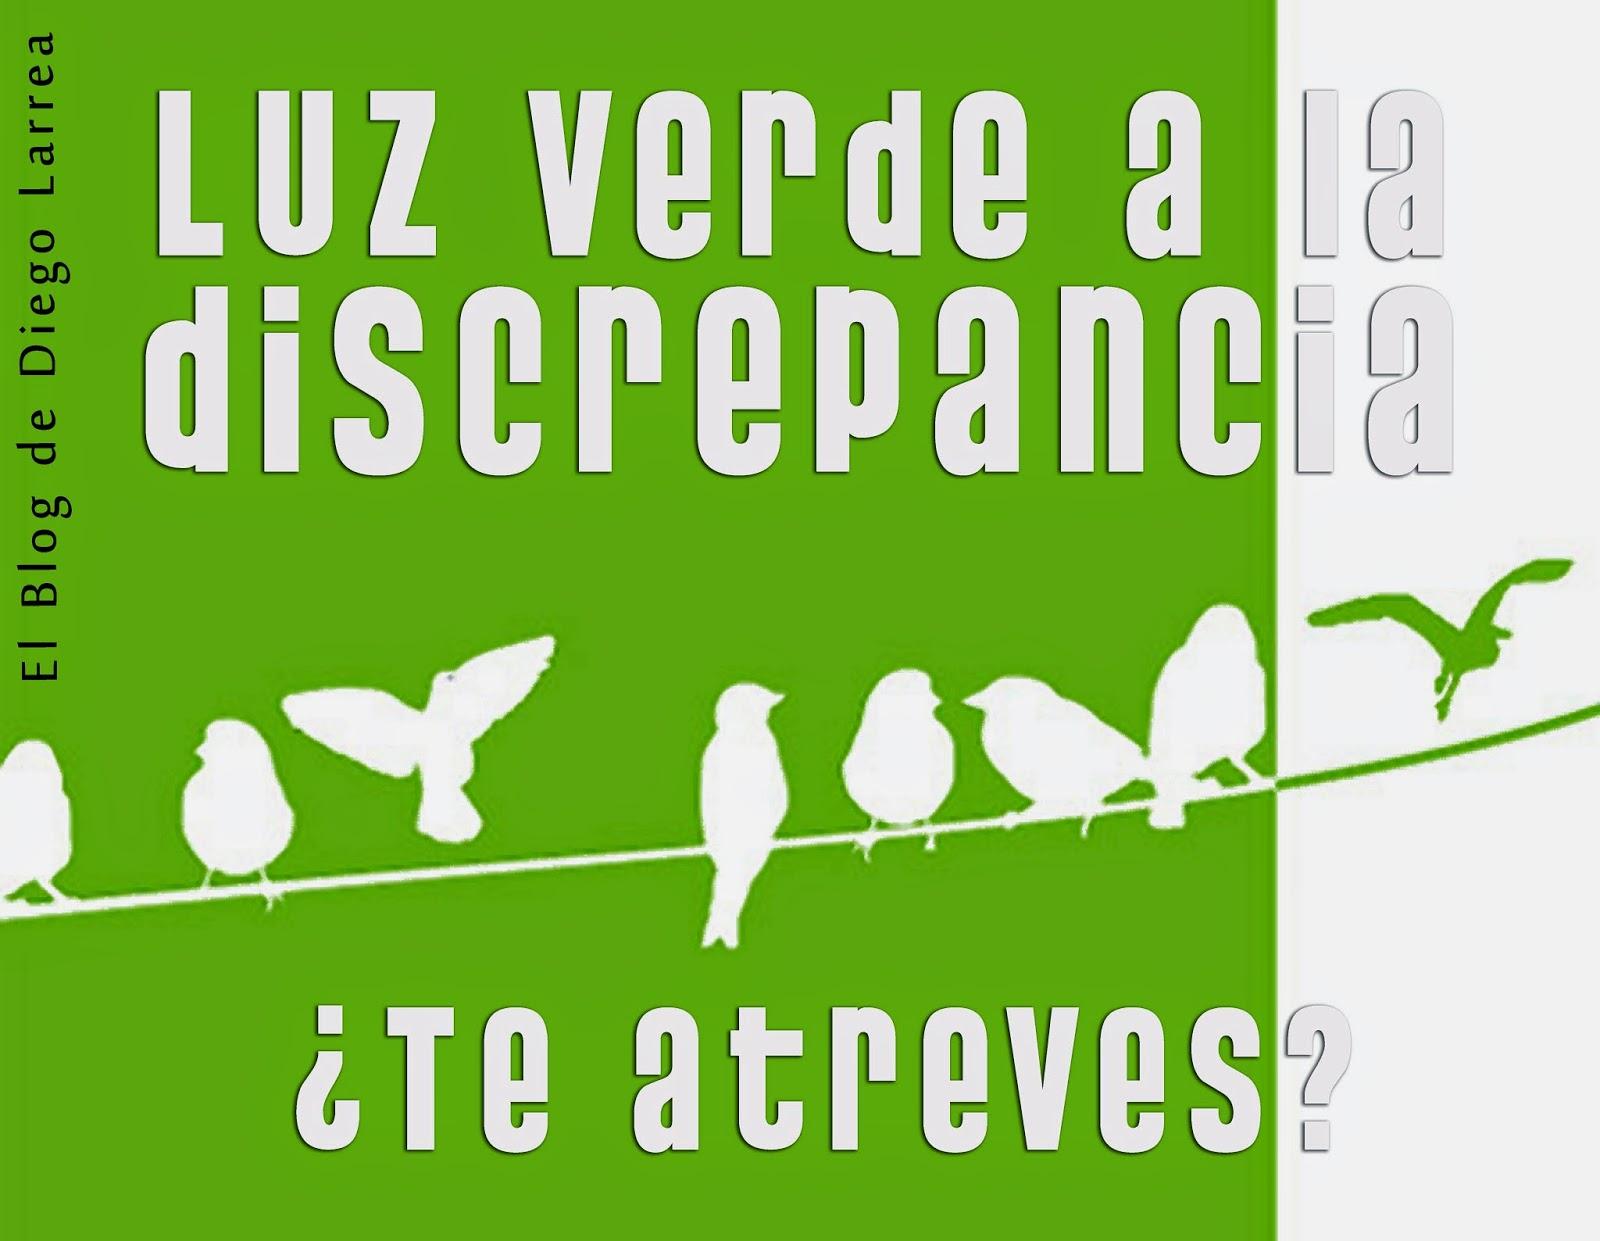 24149868a Recursos Humanos y Cultura Colaborativa by @larreadiego: Luz verde a ...